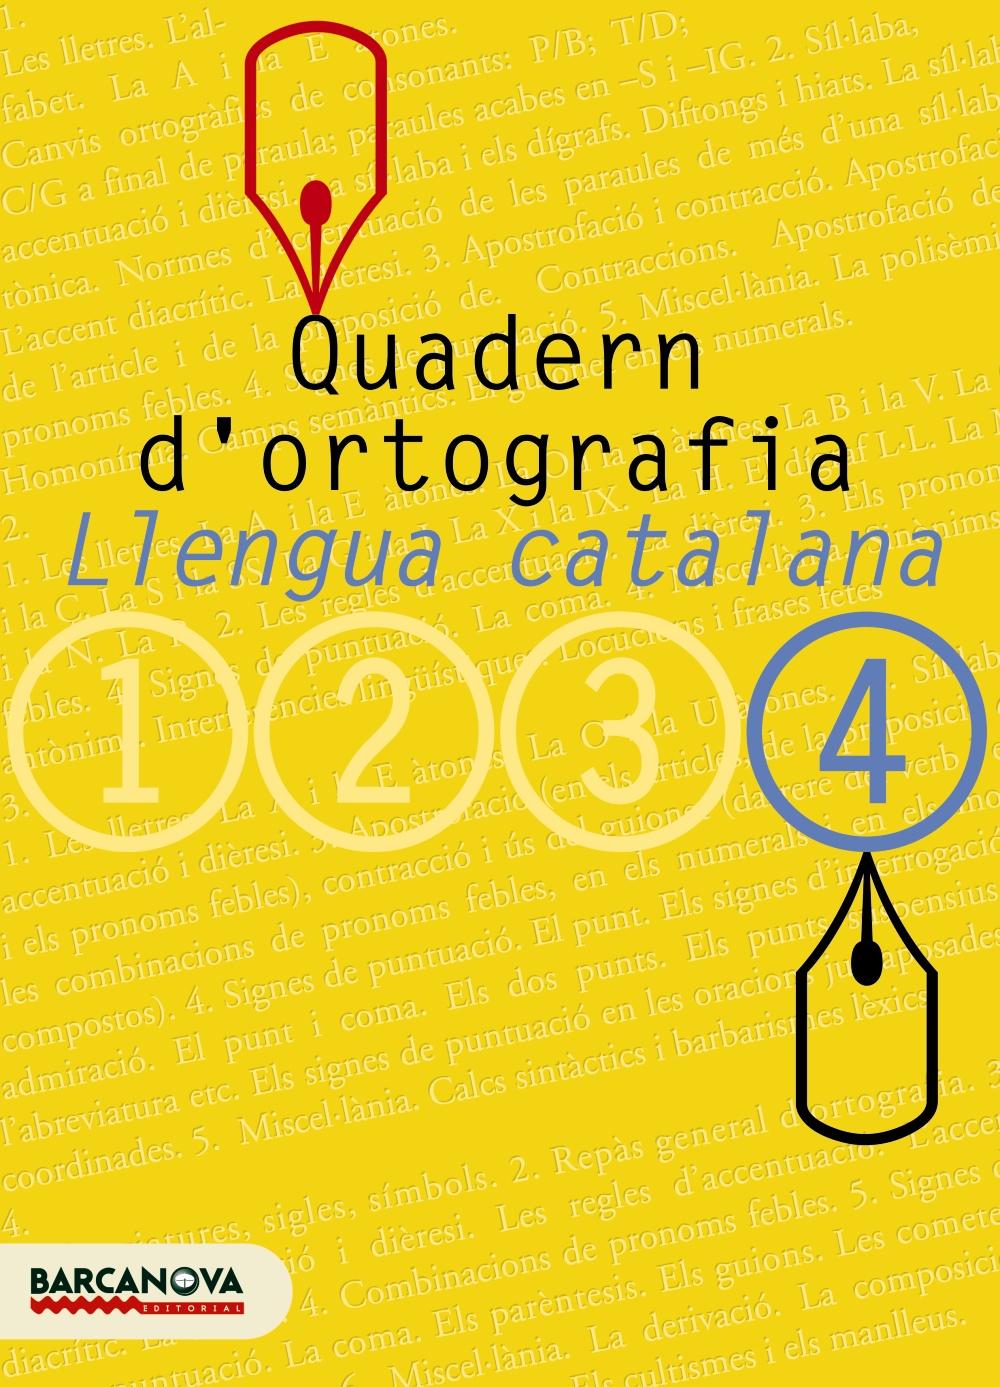 Quadern D Ortografia:  Llengua Catalana (4º Eso) por Vv.aa.